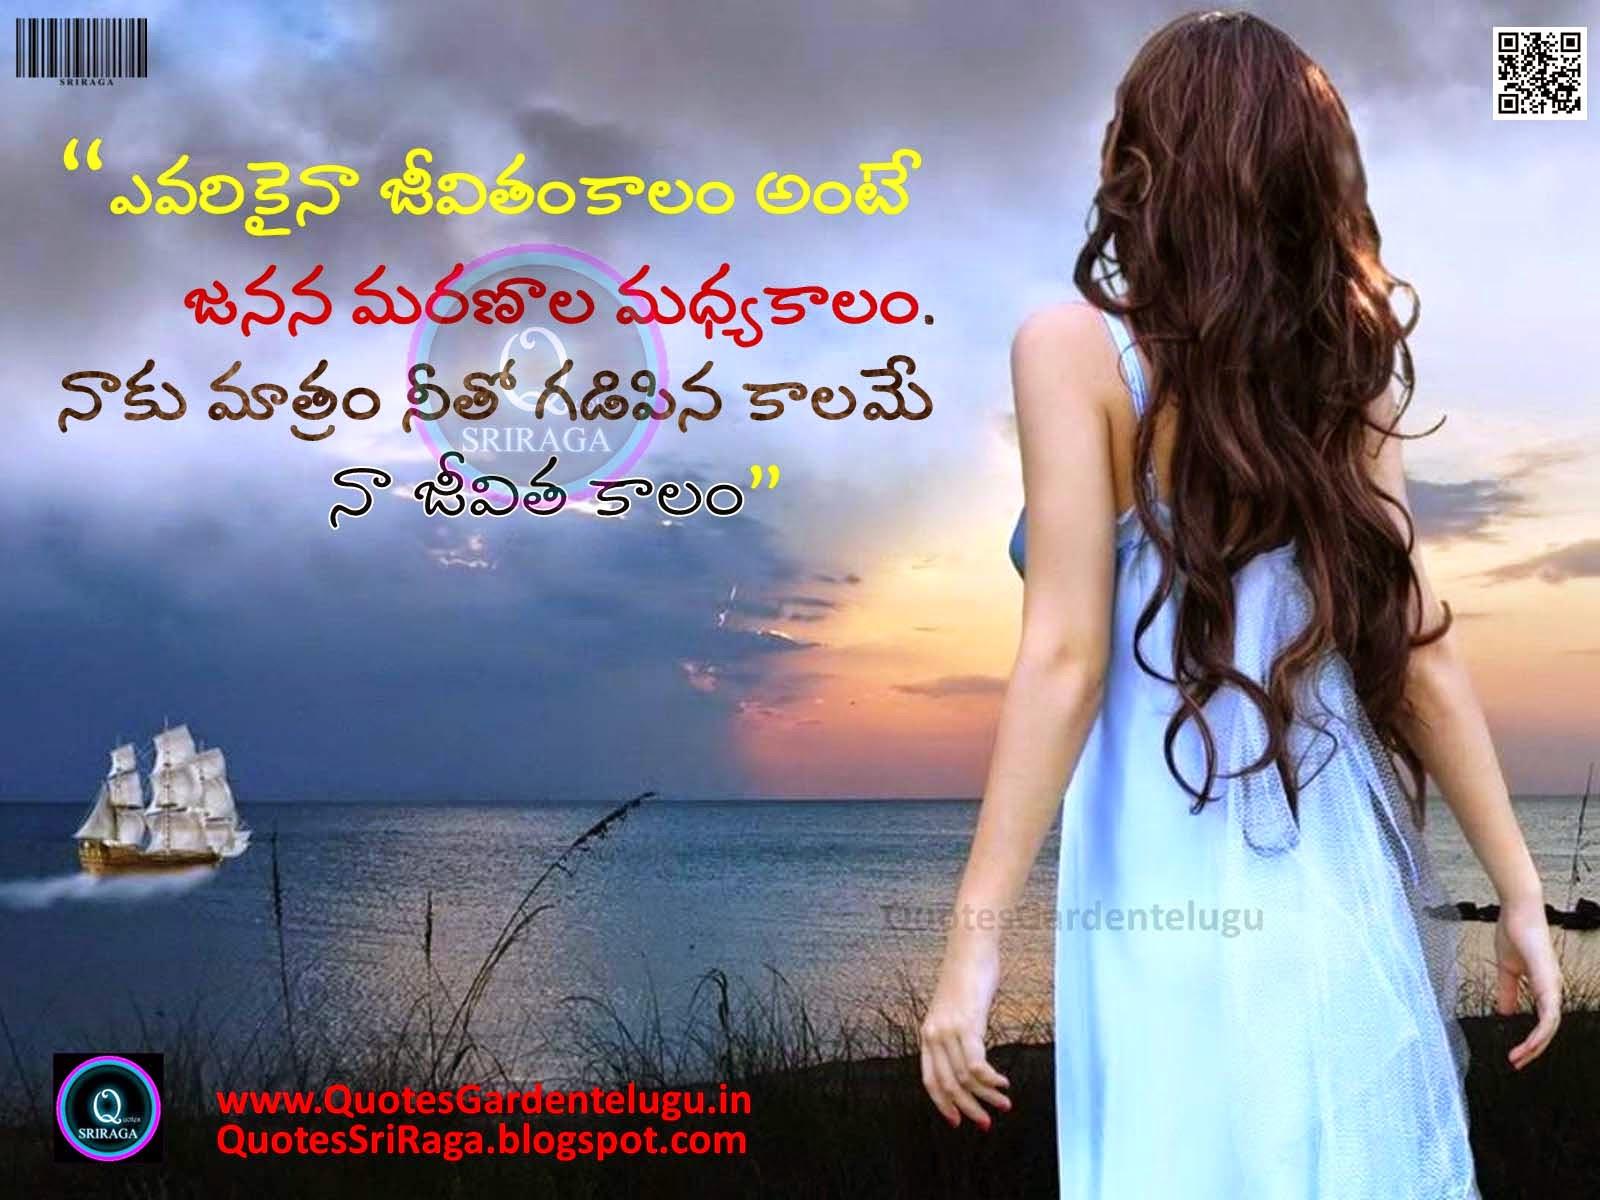 love quotes images in telugu